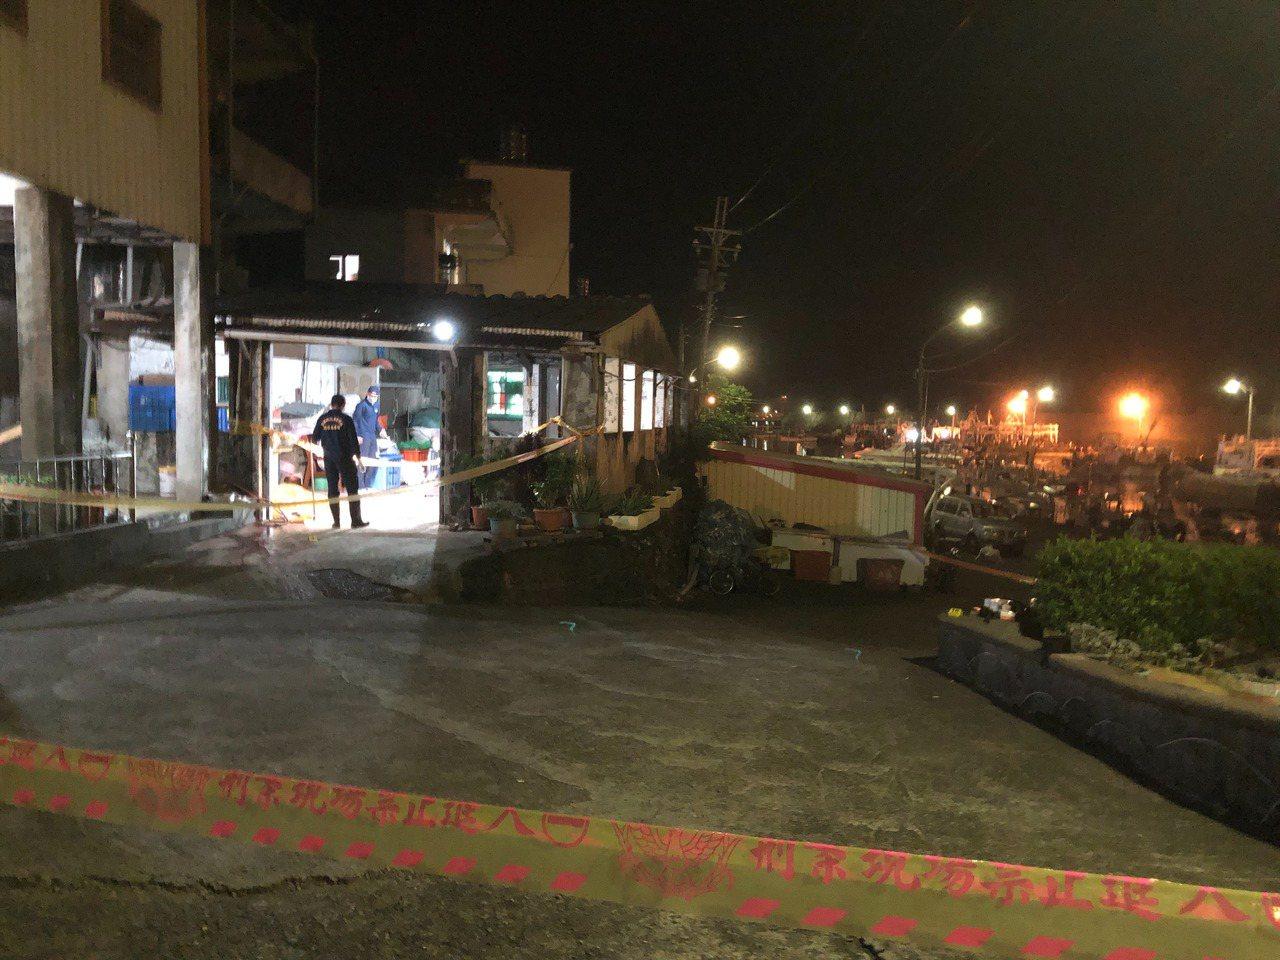 吳姓老翁昨天疑因切割撿回來的「鐵管」被炸死,警方現場拉起封鎖線。圖/讀者提供